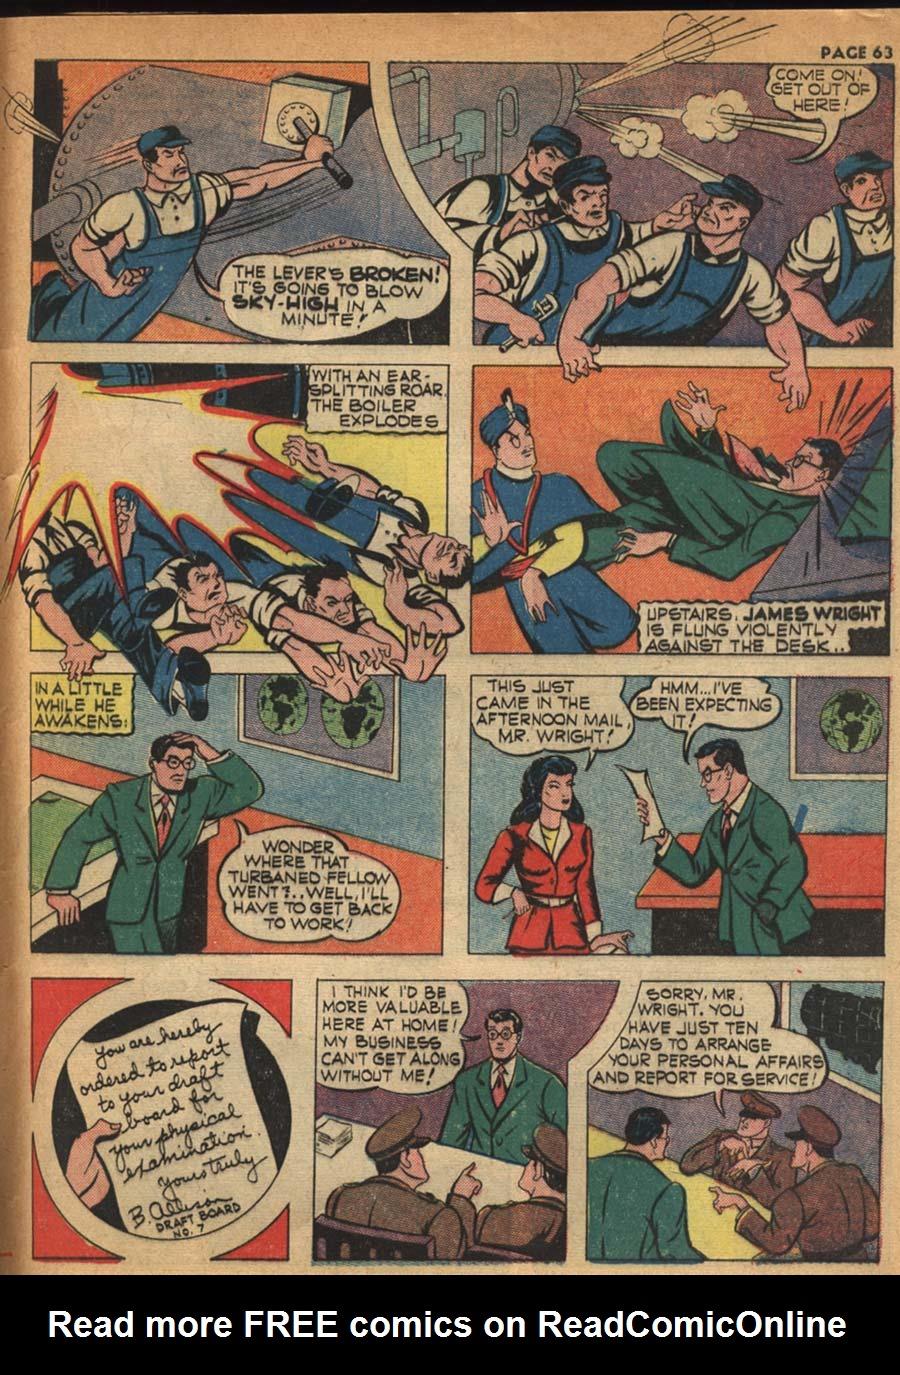 Zip Comics 29 Page 64